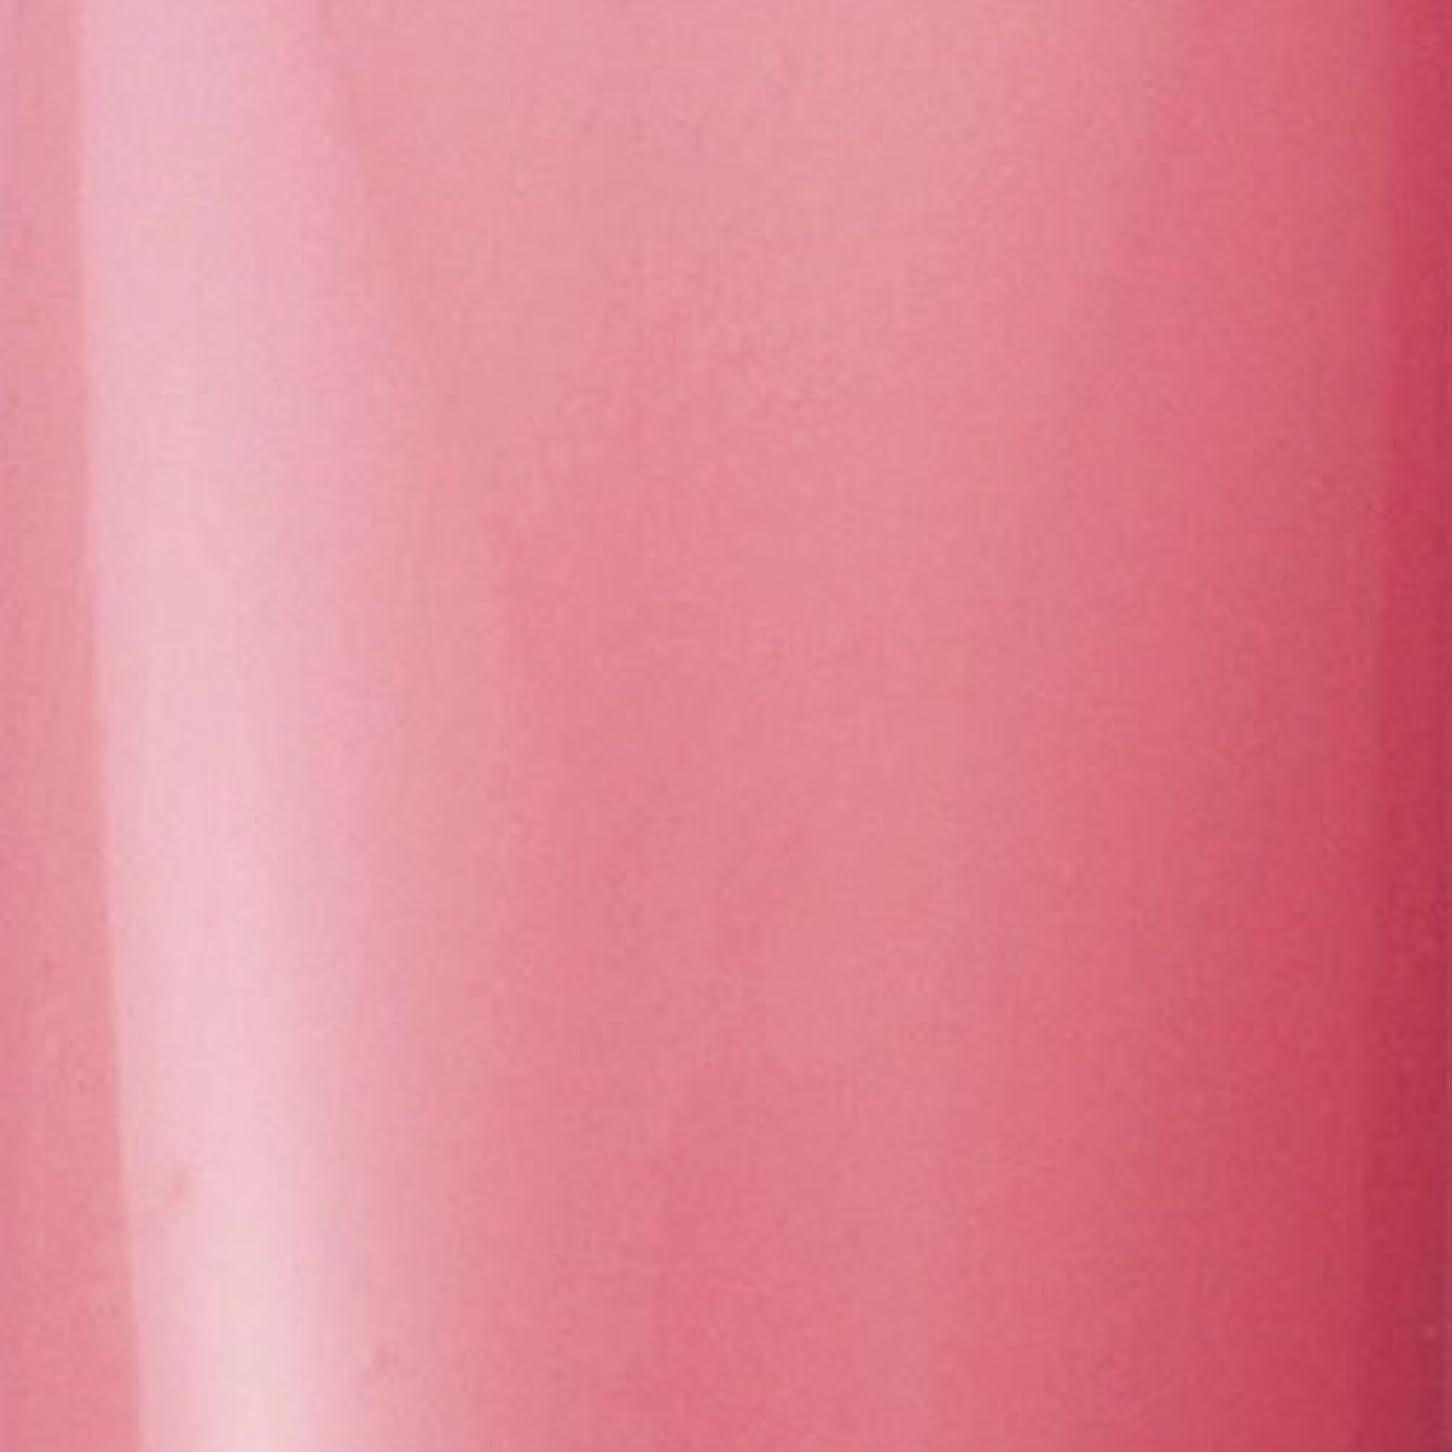 メカニック普通のクリアBio Sculpture カラージェル #126 4.5g Savannah Dusk BI-GC 126K